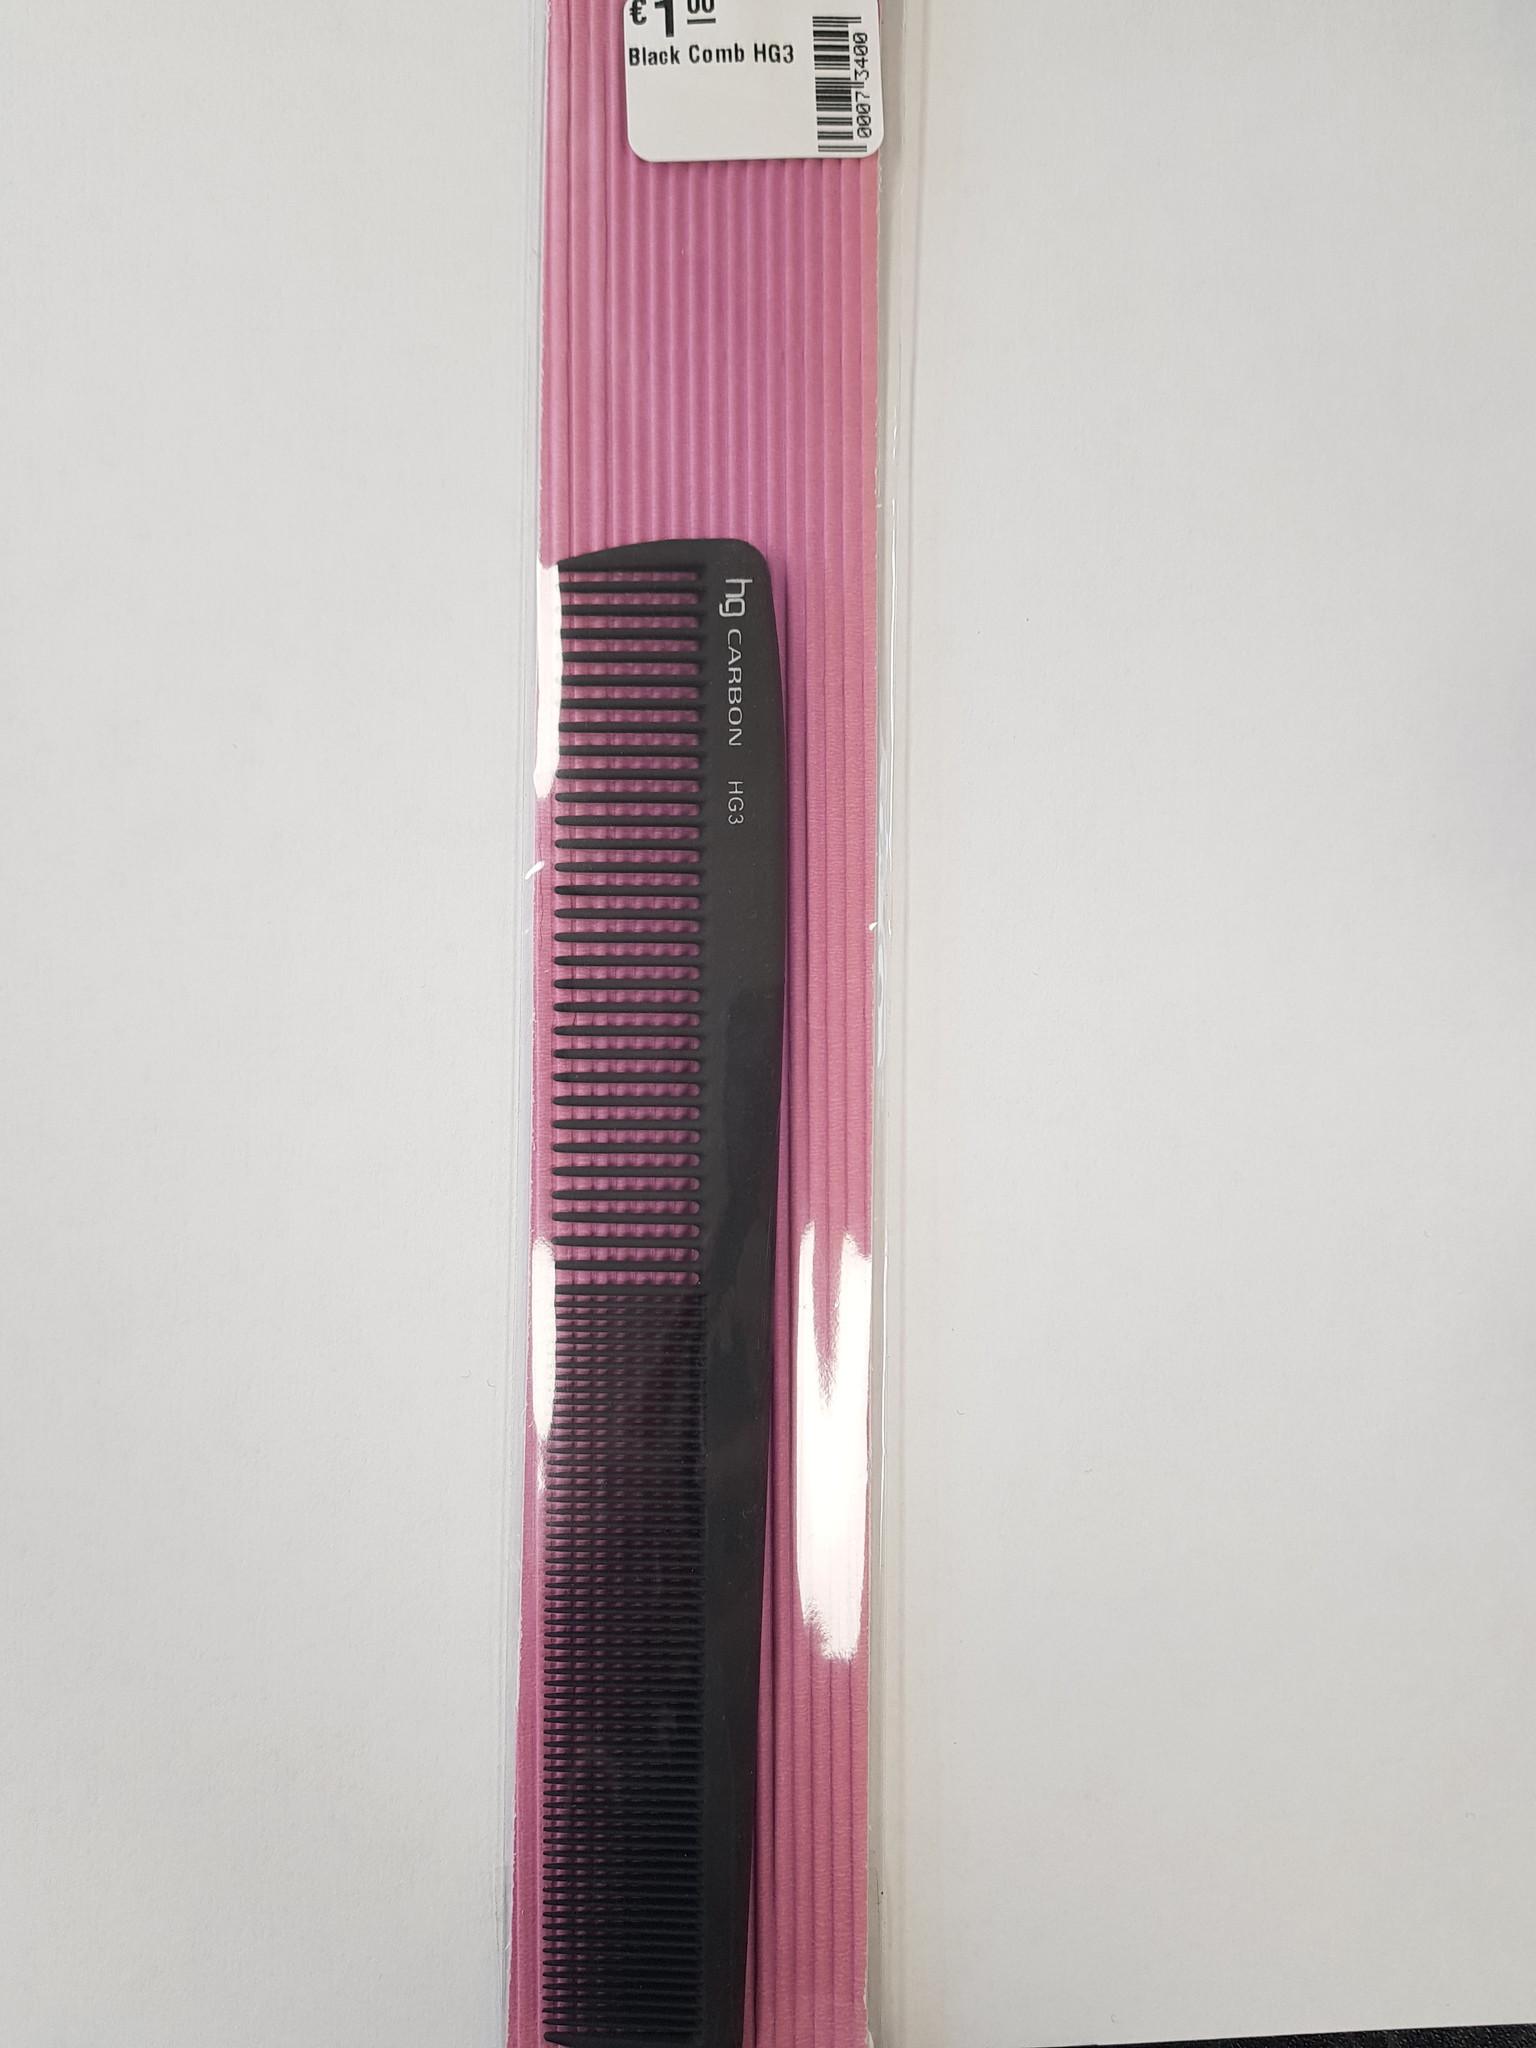 Black Comb HG3